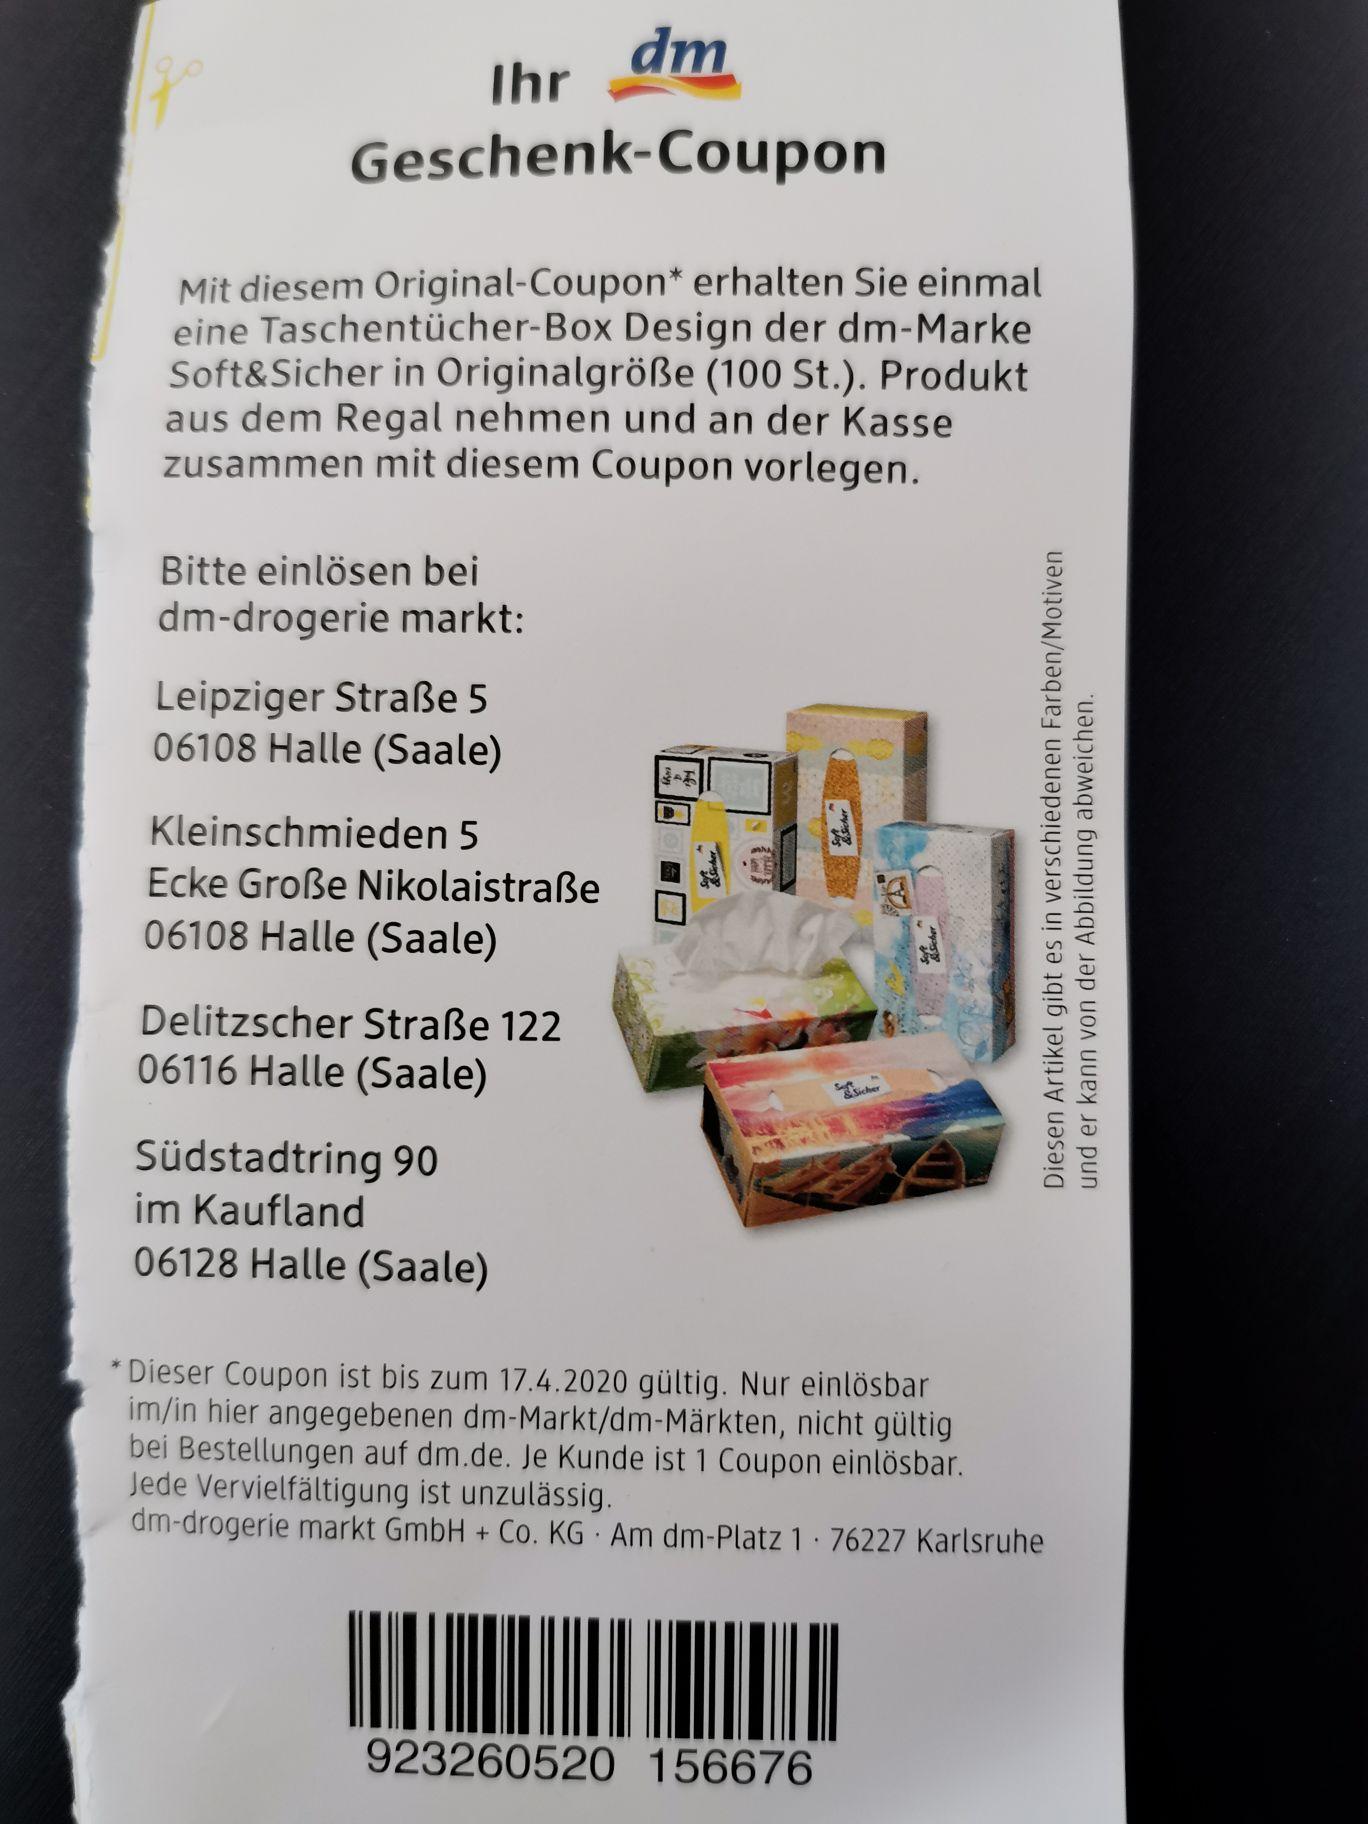 Gratis DM Taschentücher-Box (ggf. Lokal Halle/Saale)